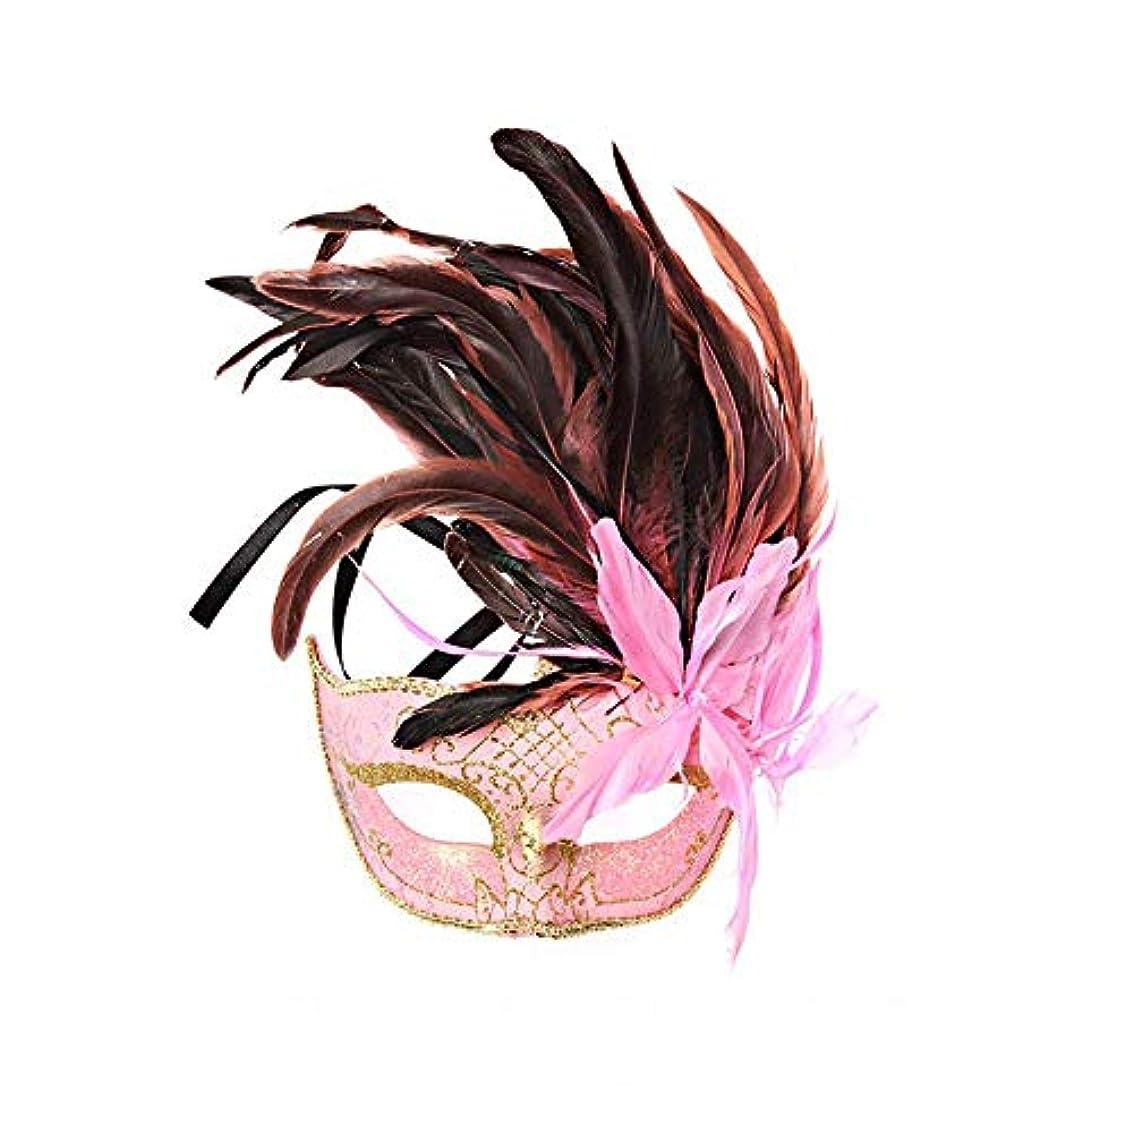 こどもの宮殿相手ひねりNanle ハロウィンマスクハーフフェザーマスクベニスプリンセスマスク美容レース仮面ライダーコスプレ (色 : Style A pink)